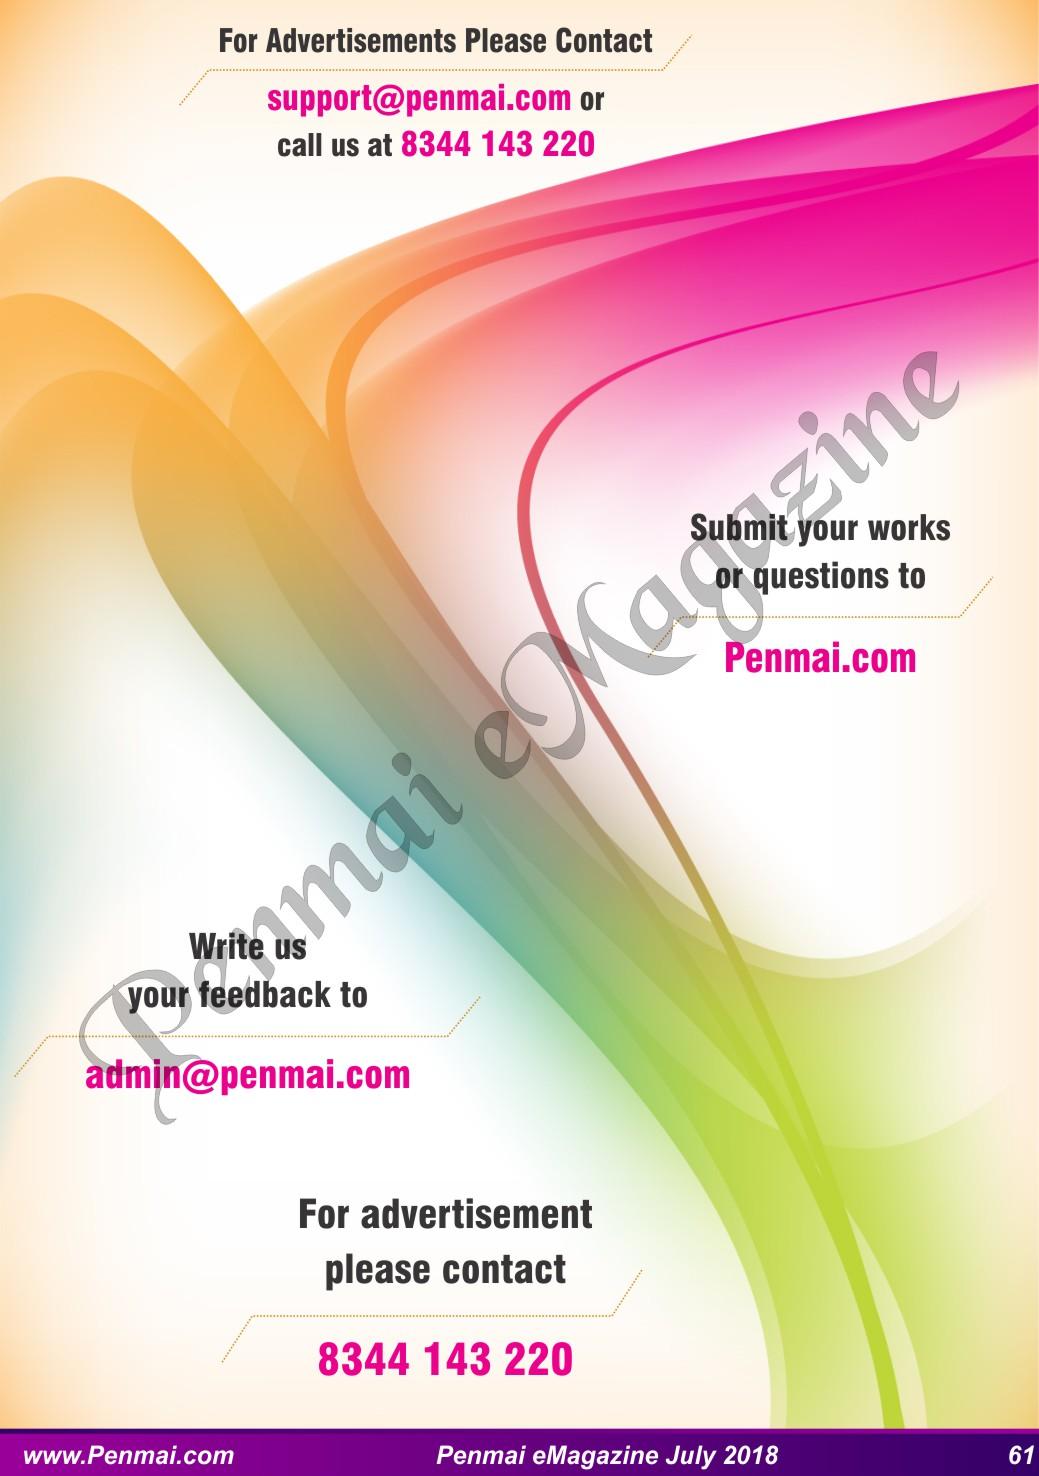 Penmai eMagazine July 2018-61.jpg